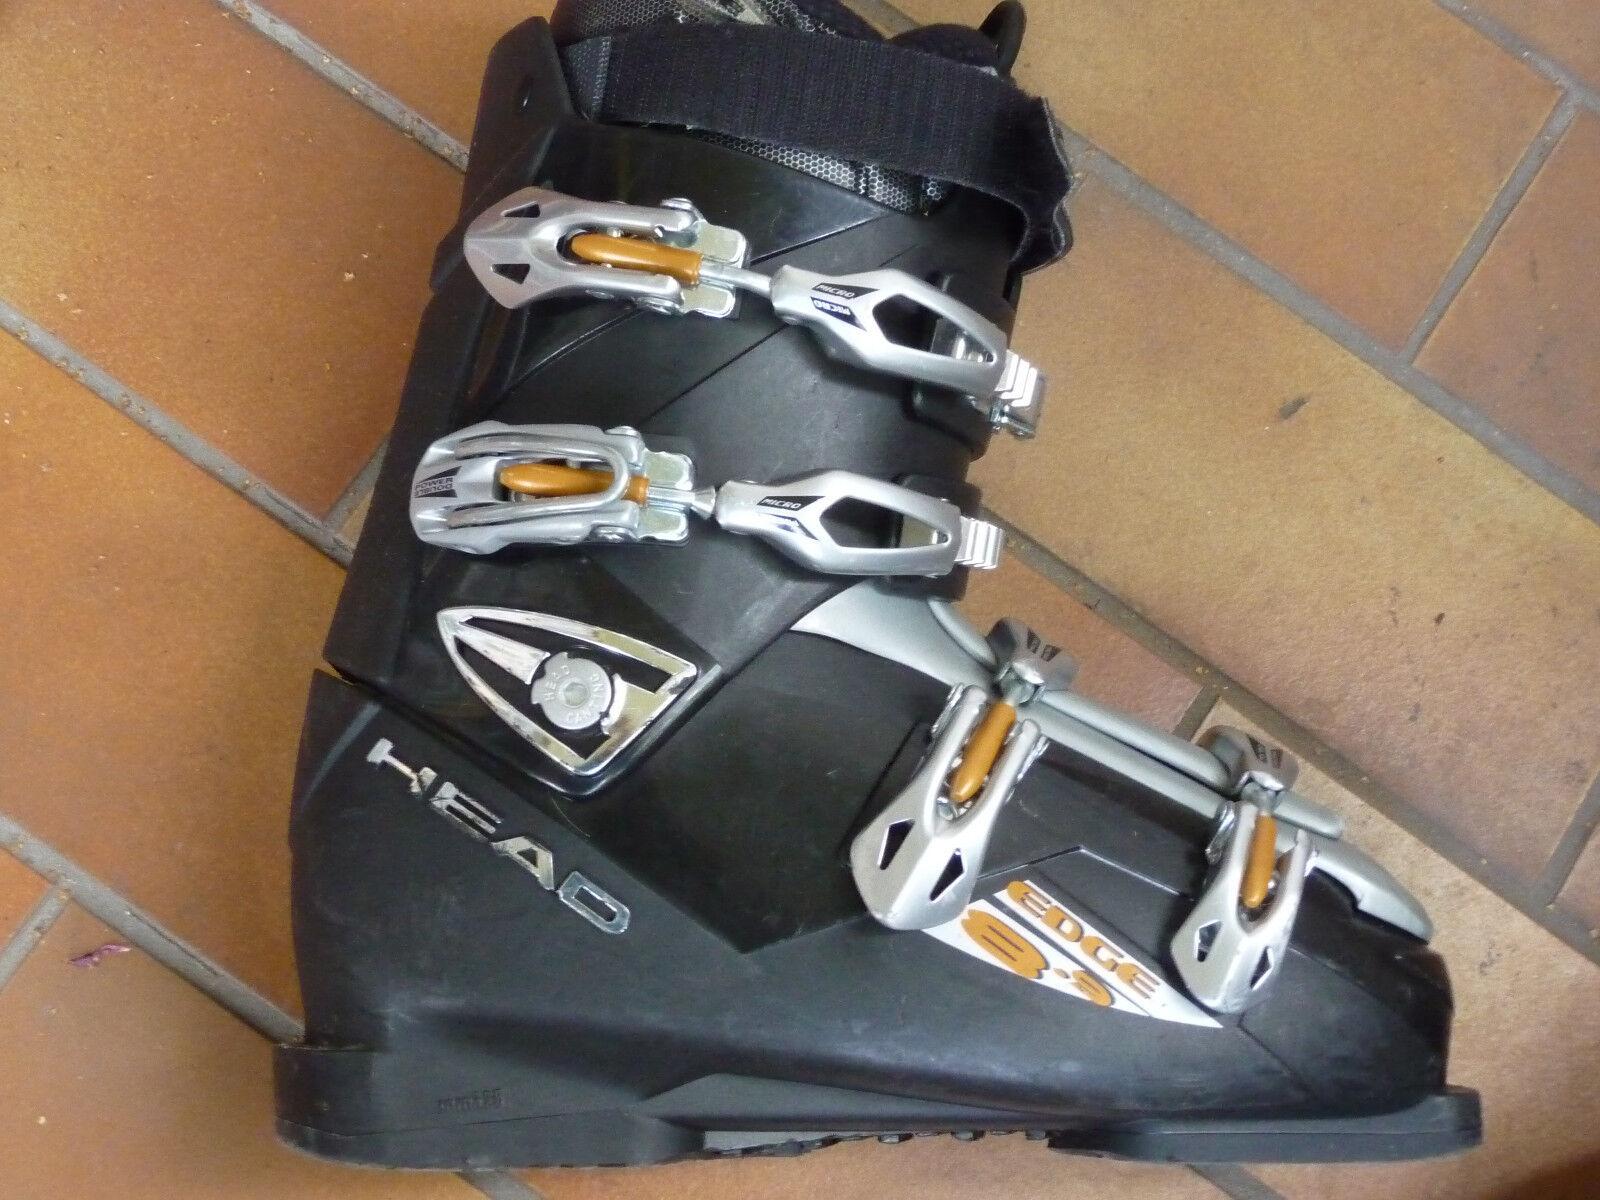 Skischuhe HEAD Gr.28,0-28,5 Gr.28,0-28,5 HEAD wenig gebraucht Top Zustand 77222c